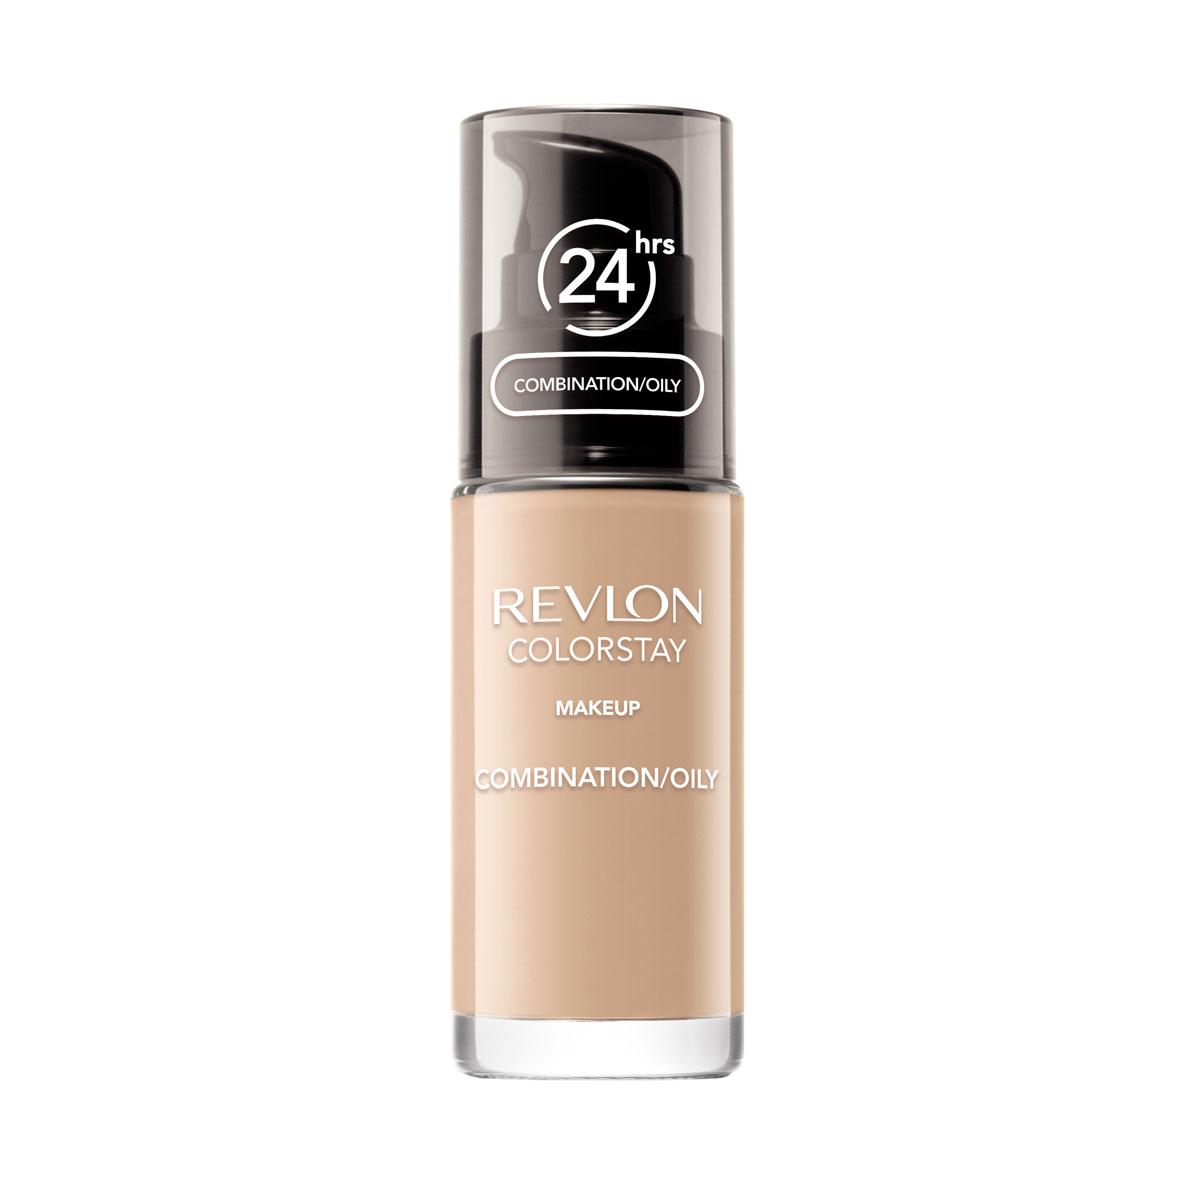 Revlon Тональный Крем для Комб-Жирн Кожи Colorstay Makeup For Combination-Oily Skin Buff 150 30 мл7221552002Colorstay - легендарная коллекция тональных средств, выбор ведущих визажистов во всем мире! Colorstay Make Up For Combination / Oily Skin - тональный крем с удивительно легкой текстурой идеально выравнивает тон и рельеф кожи, защищает от появления жирного блеска. Colorstay™ дарит коже приятную матовость, сохраняет макияж безупречным надолго - гарантированная стойкость в течение 24 часов! Предназначен для смешанной и жирной кожи.Наносите крем легкими разглаживающими движениями от центра к контурам с помощью кисти или пальцев, затем растушуйте на границе нанесения: у линии роста волос, в области шеи и ушей.